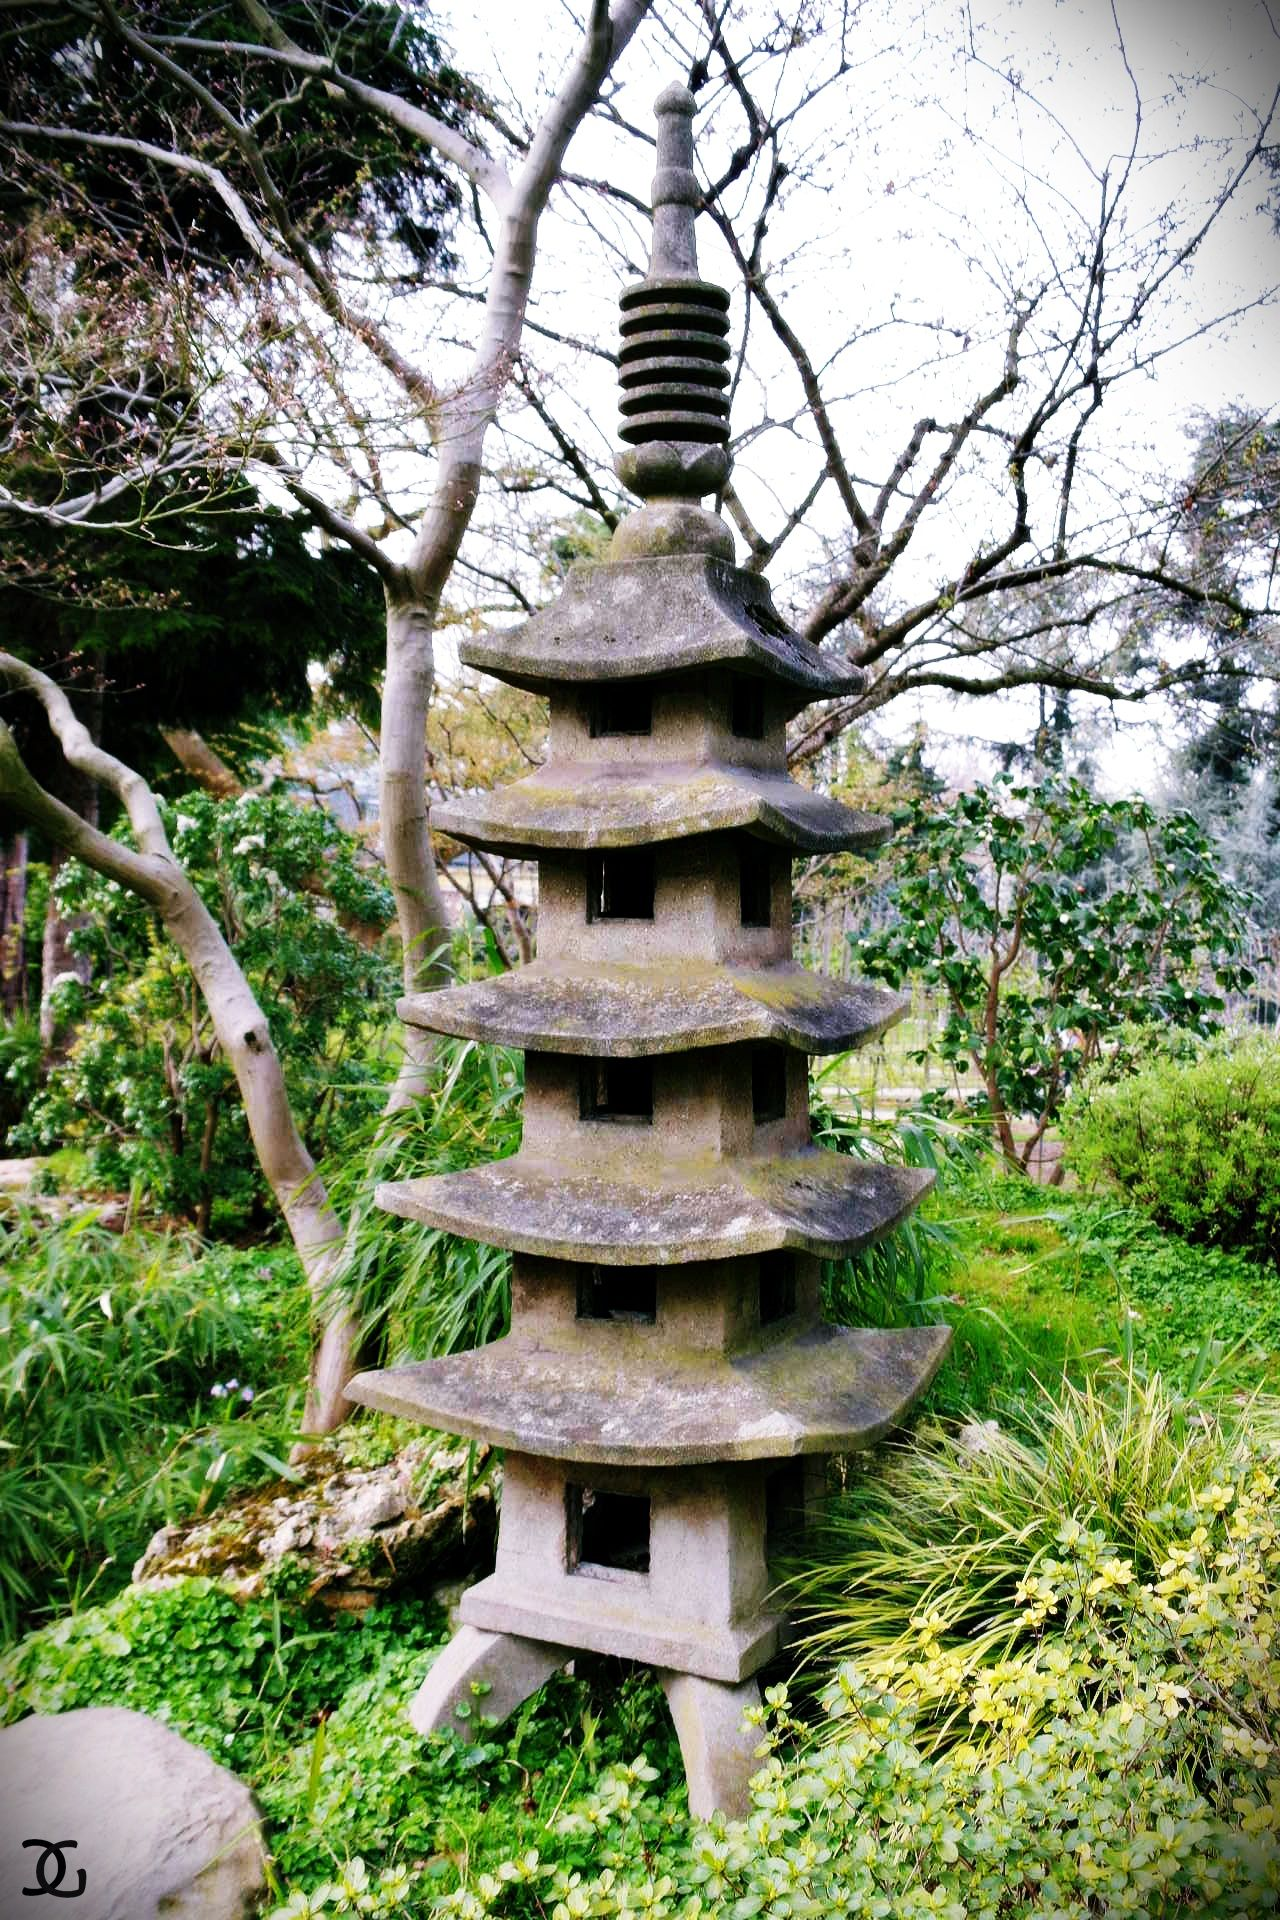 Japanes Garden S Izobrazheniyami Sadovye Kamni